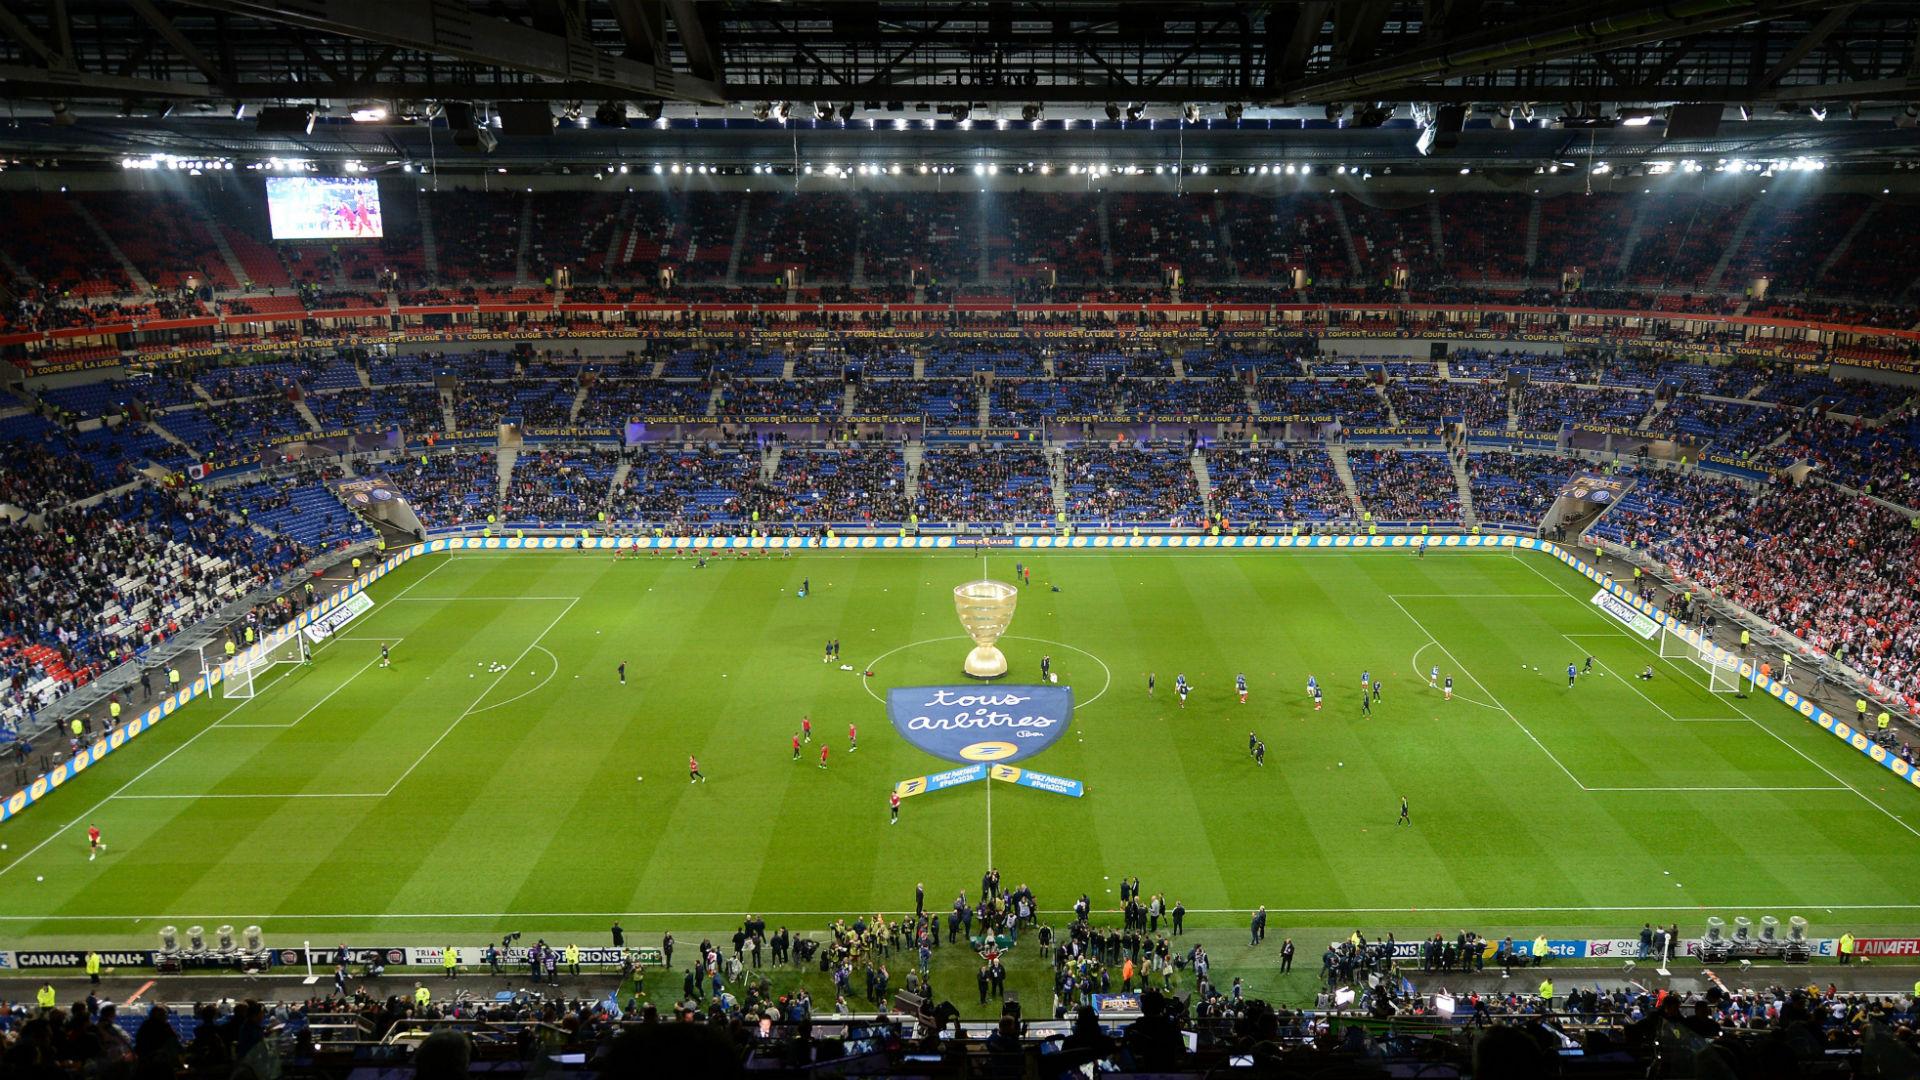 Europa League Free Tv